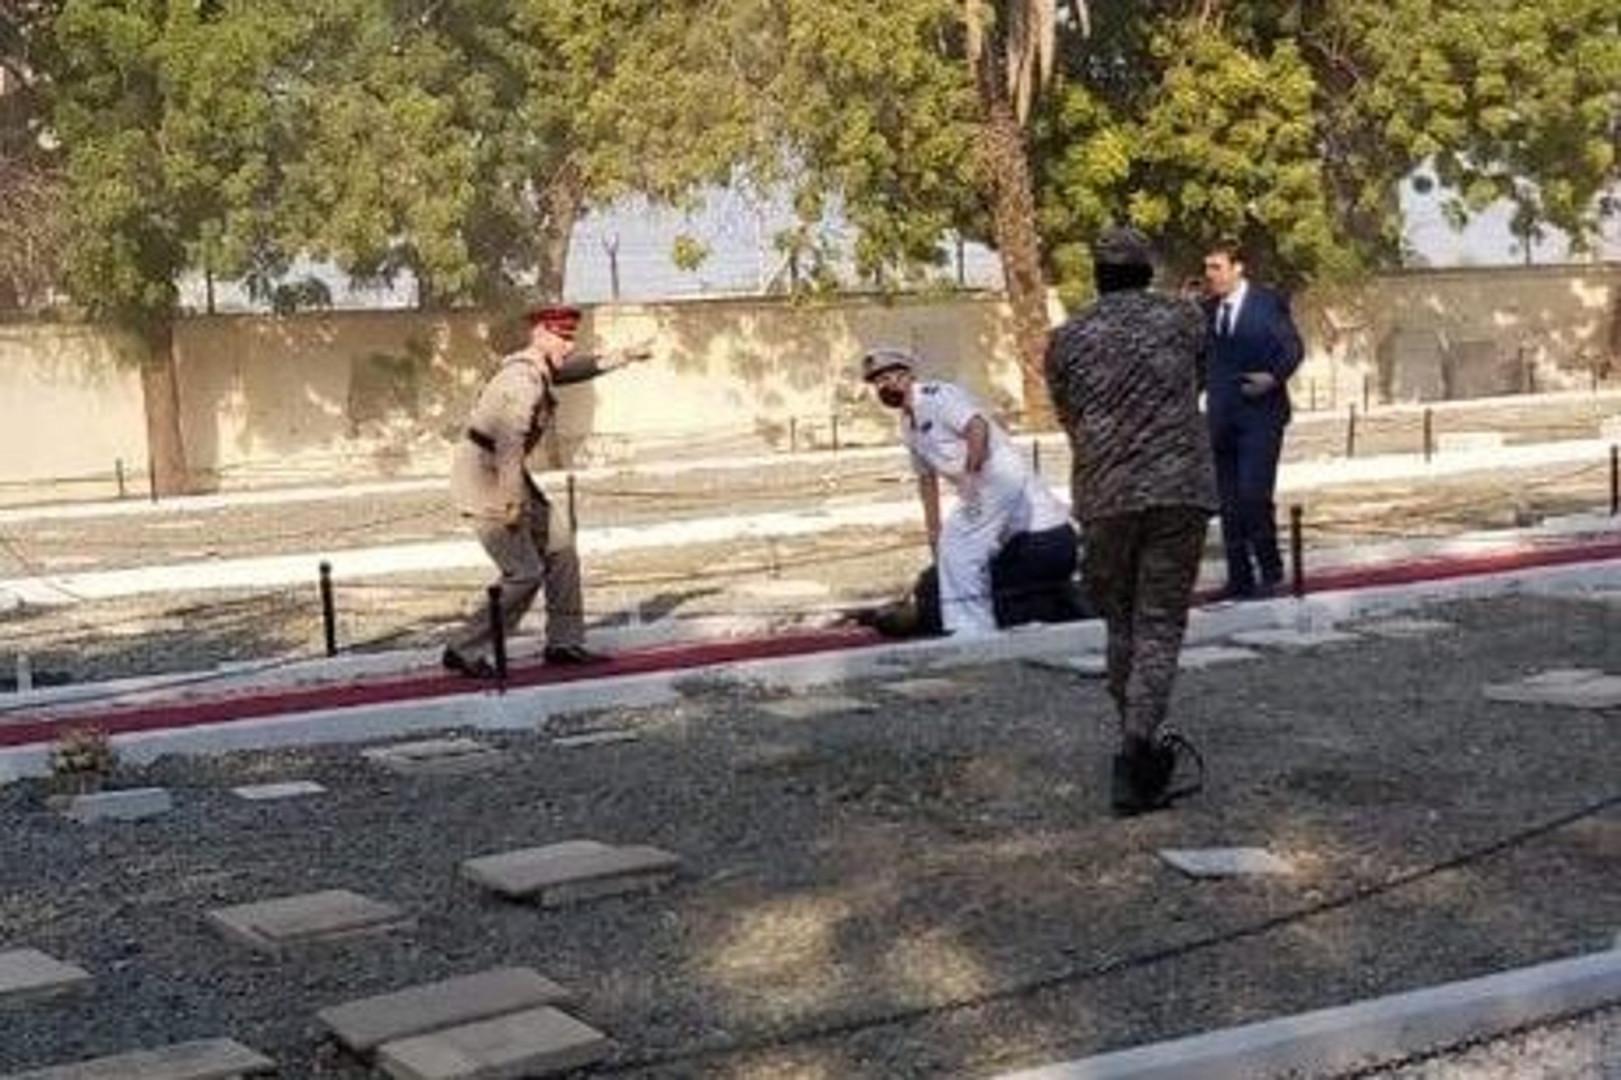 Une cérémonie de commémoration du 11 Novembre a été prise pour cible à Jeddah en Arabie Saoudite, là où un vigile du Consulat de France avait été blessé au couteau en octobre.